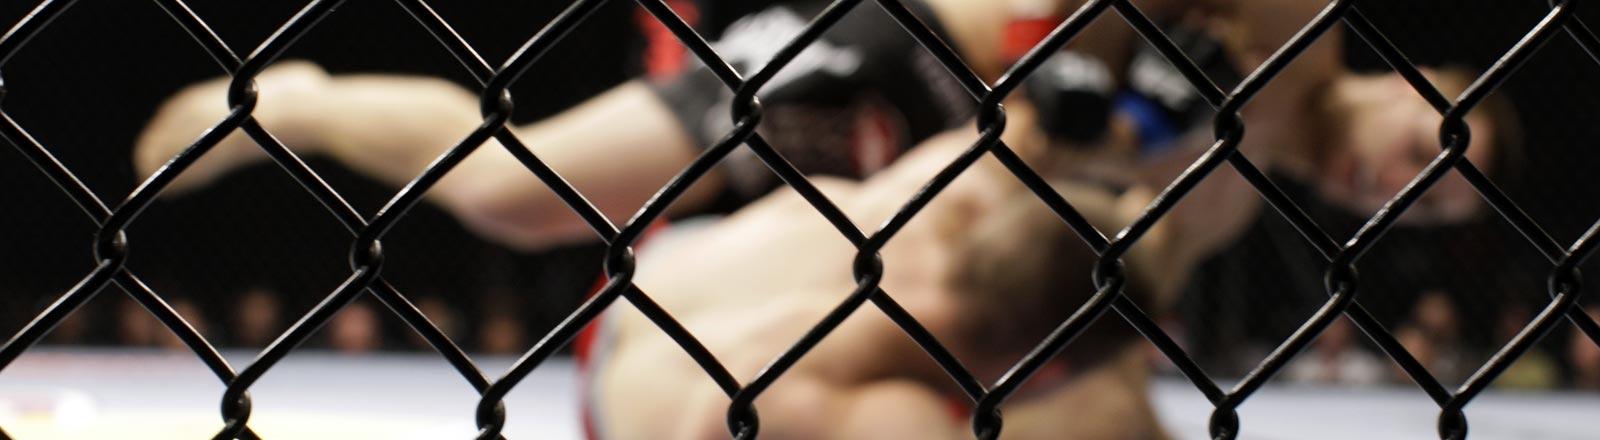 Zwei blutige Mixed-Martial-Arts-Kämpfer bei einem Kampf.